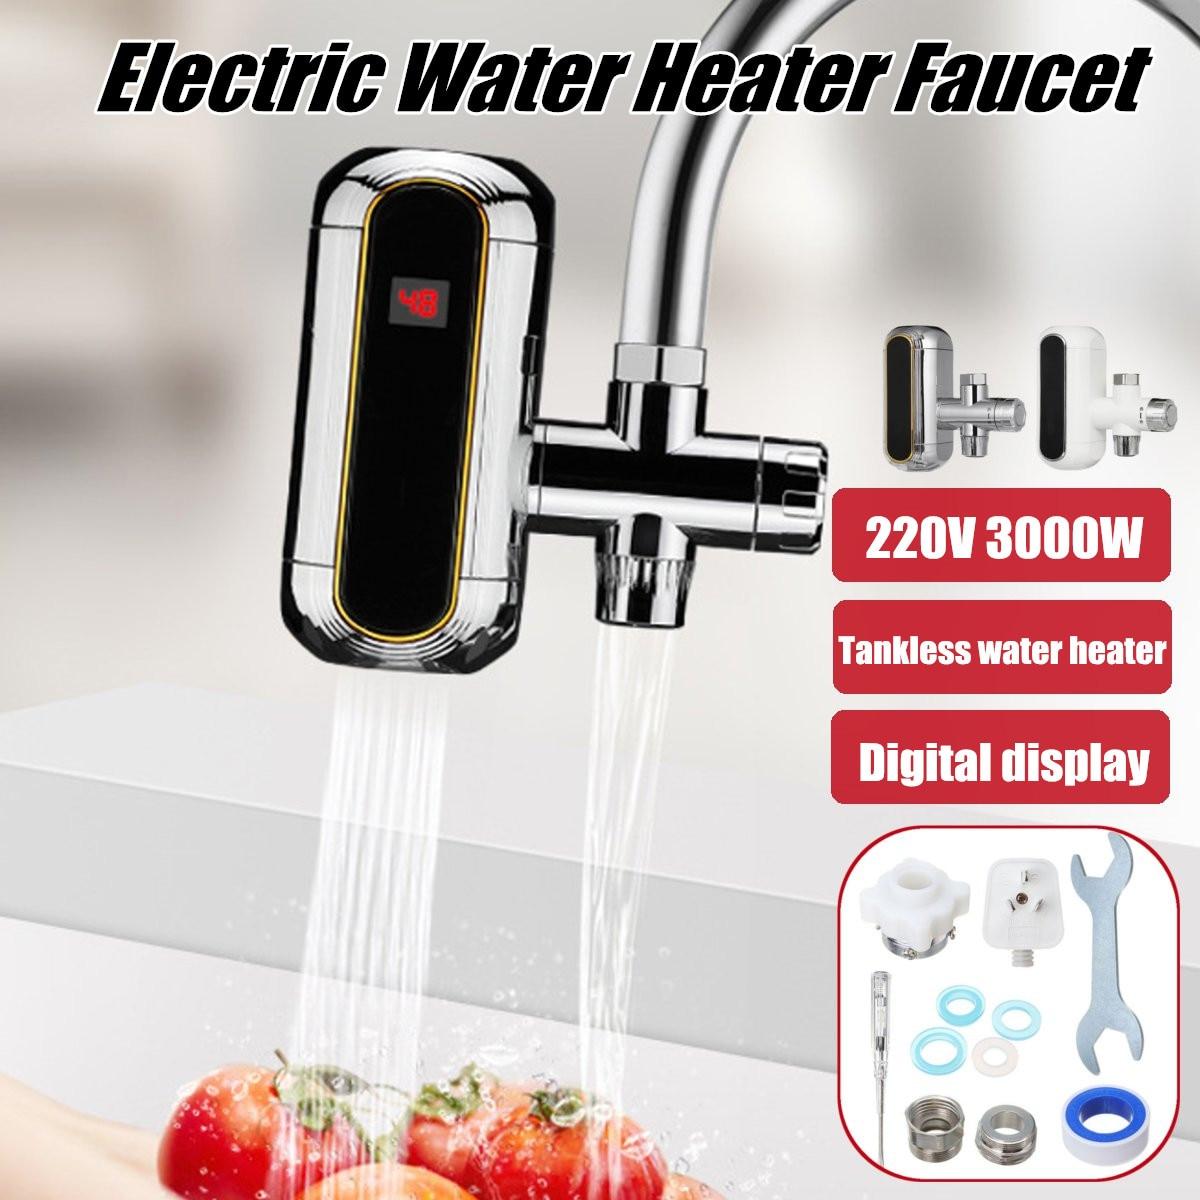 3000 W chauffe-eau électrique Sans Réservoir Cuisine Instantanée Robinet D'eau Chaude Chauffe-Eau Électrique Robinet de Chauffage robinet 220 v